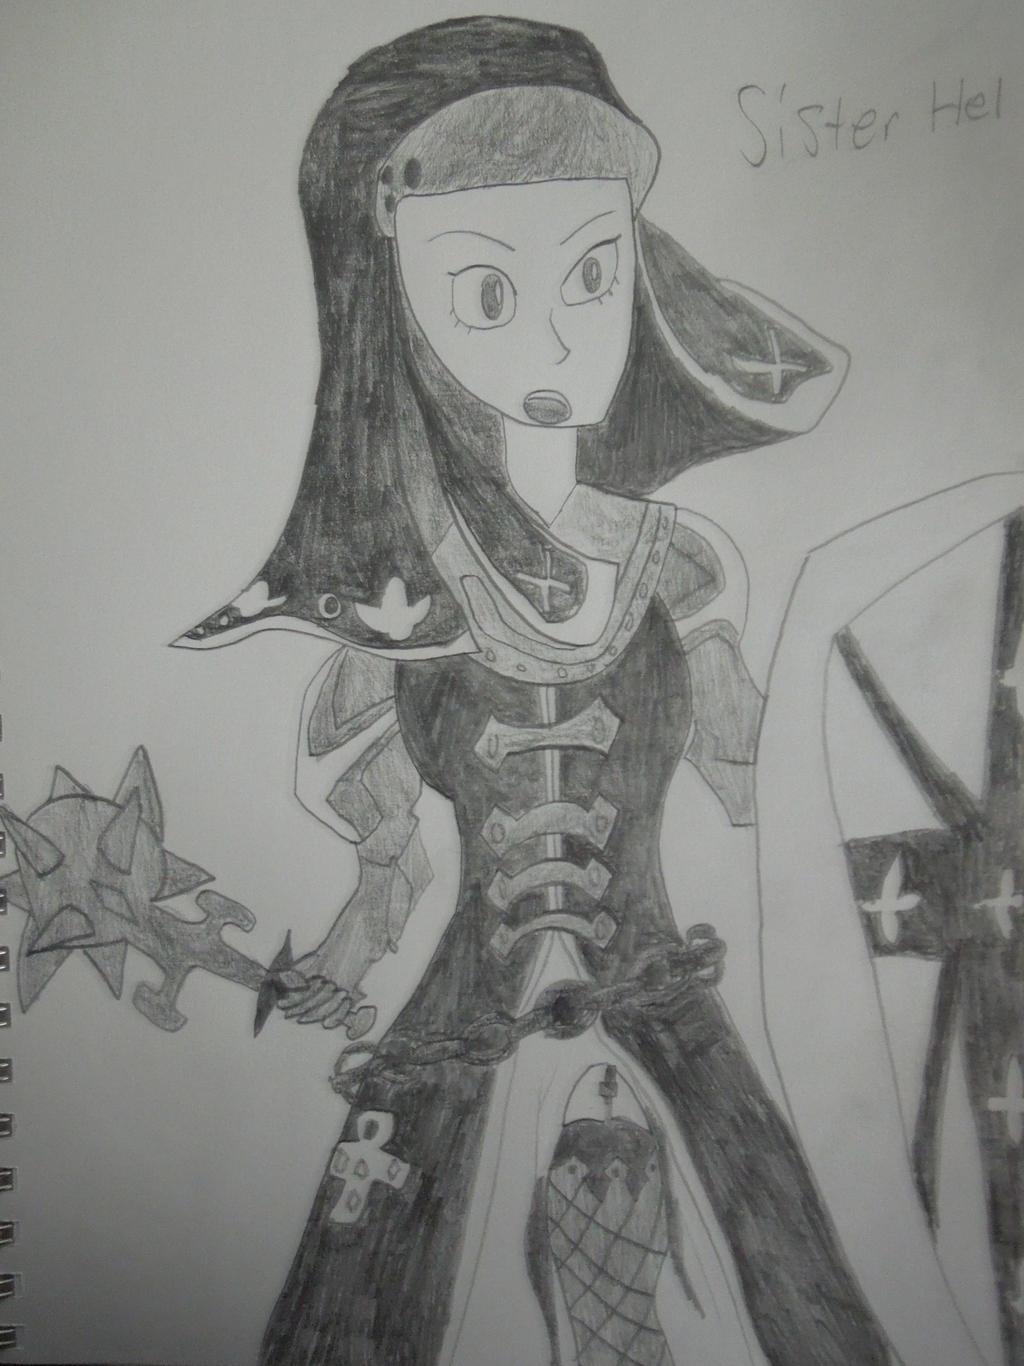 Code Of Princess: Sister Hel by MidniteAndBeyond